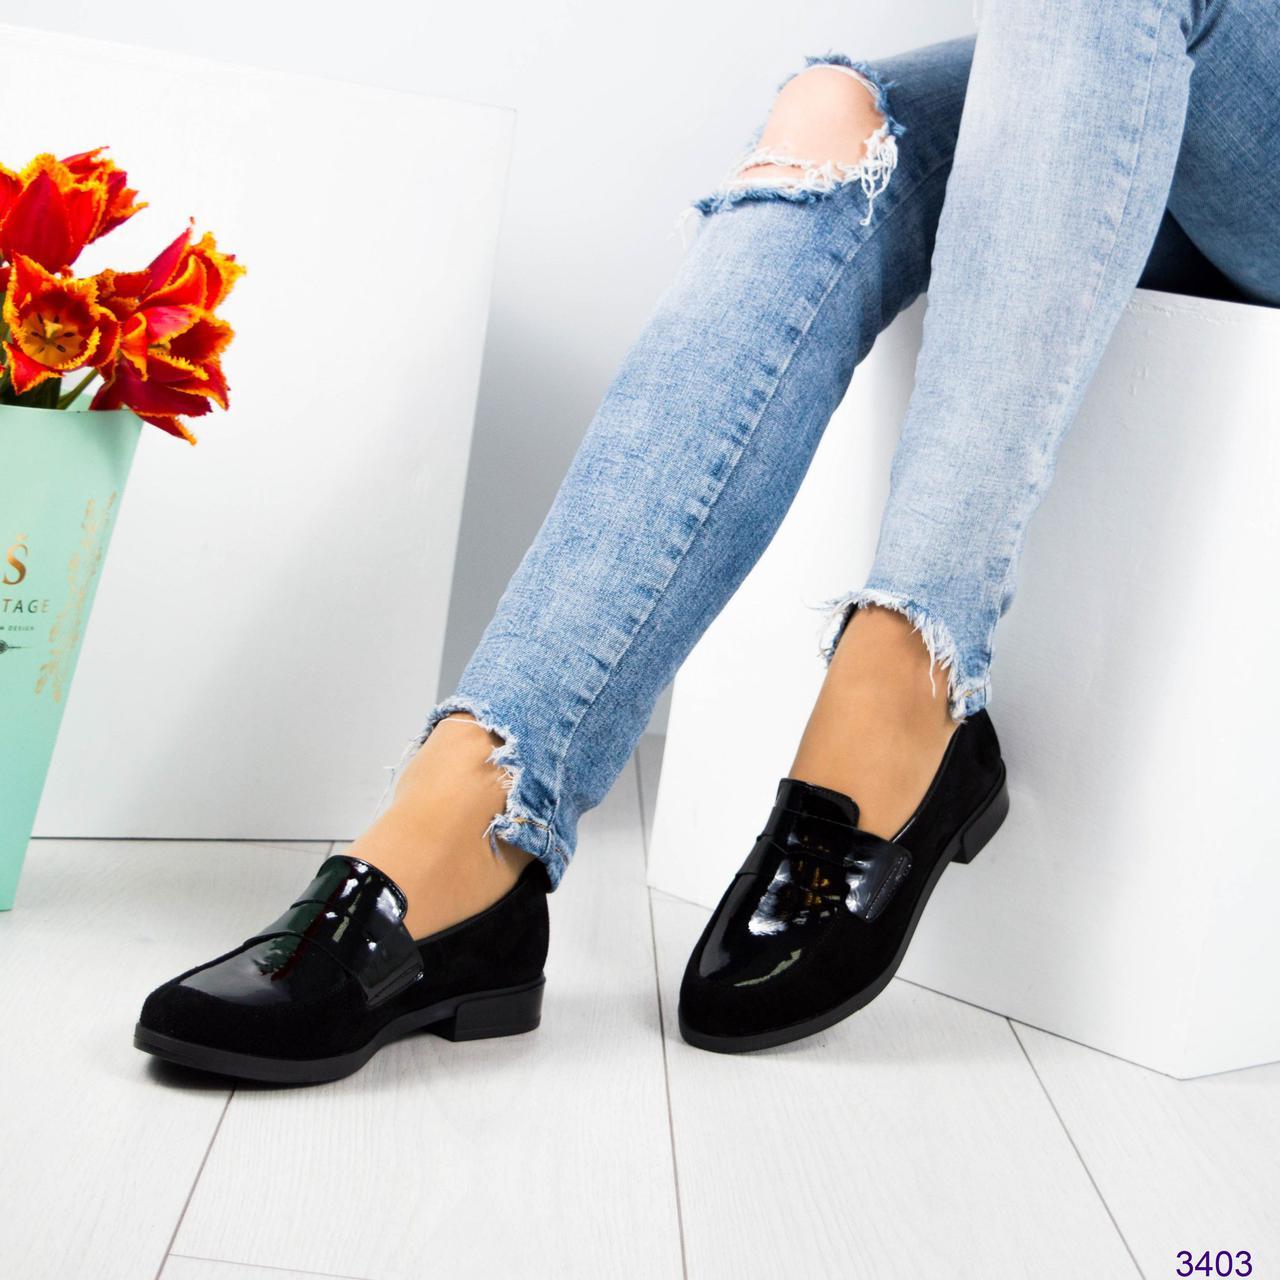 de1a3c38a Стильные туфли лоферы. Цвет- черный. Размер 38: продажа, цена в ...